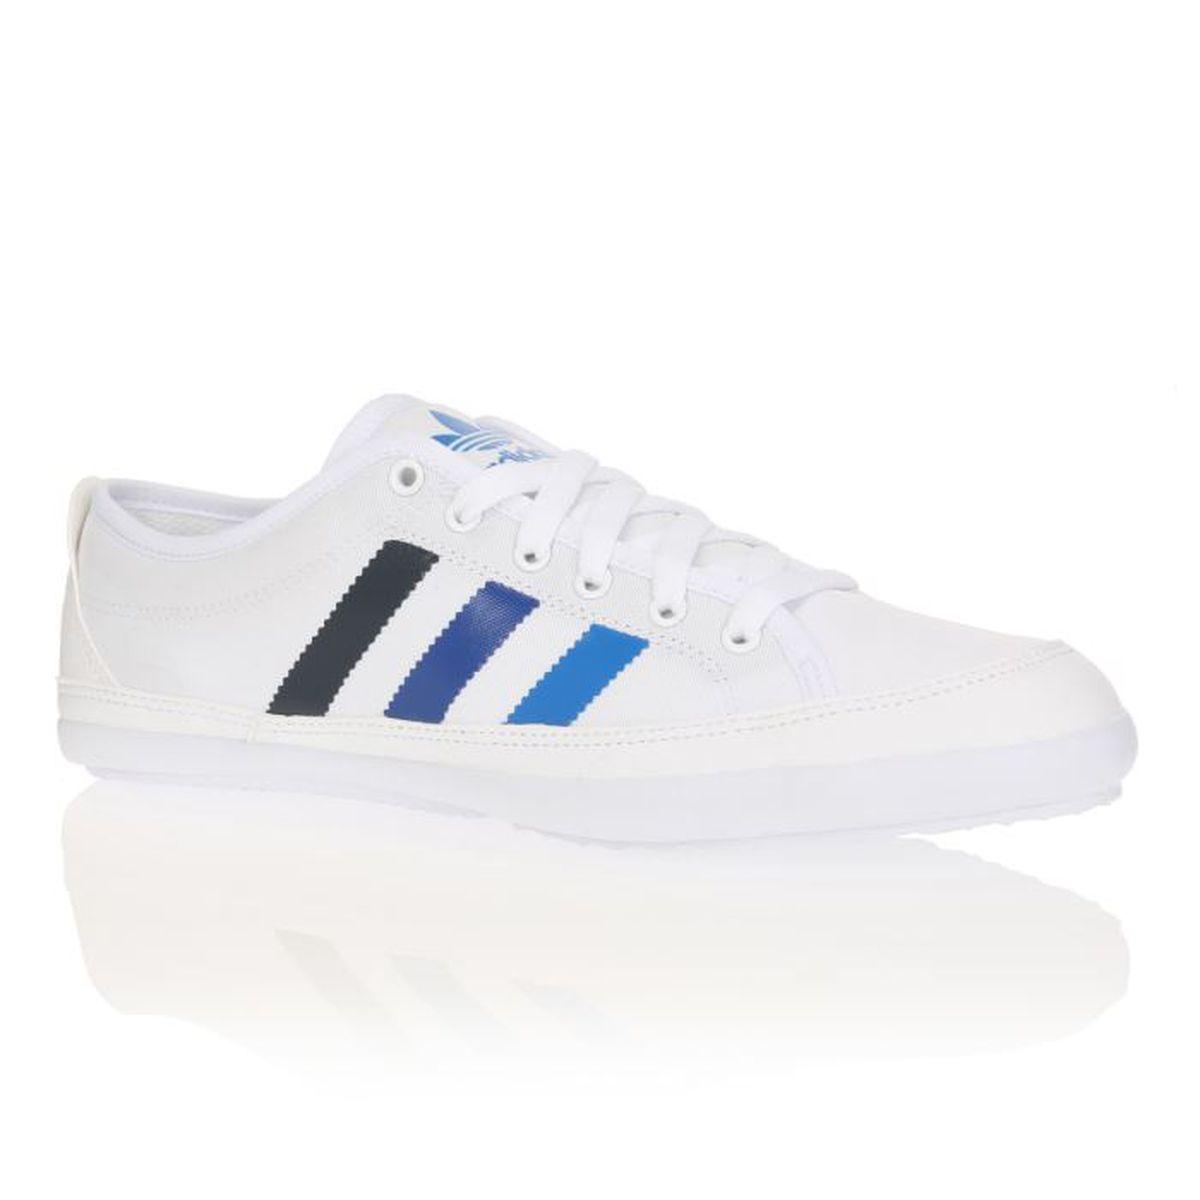 adidas originals nizza remodel bleu